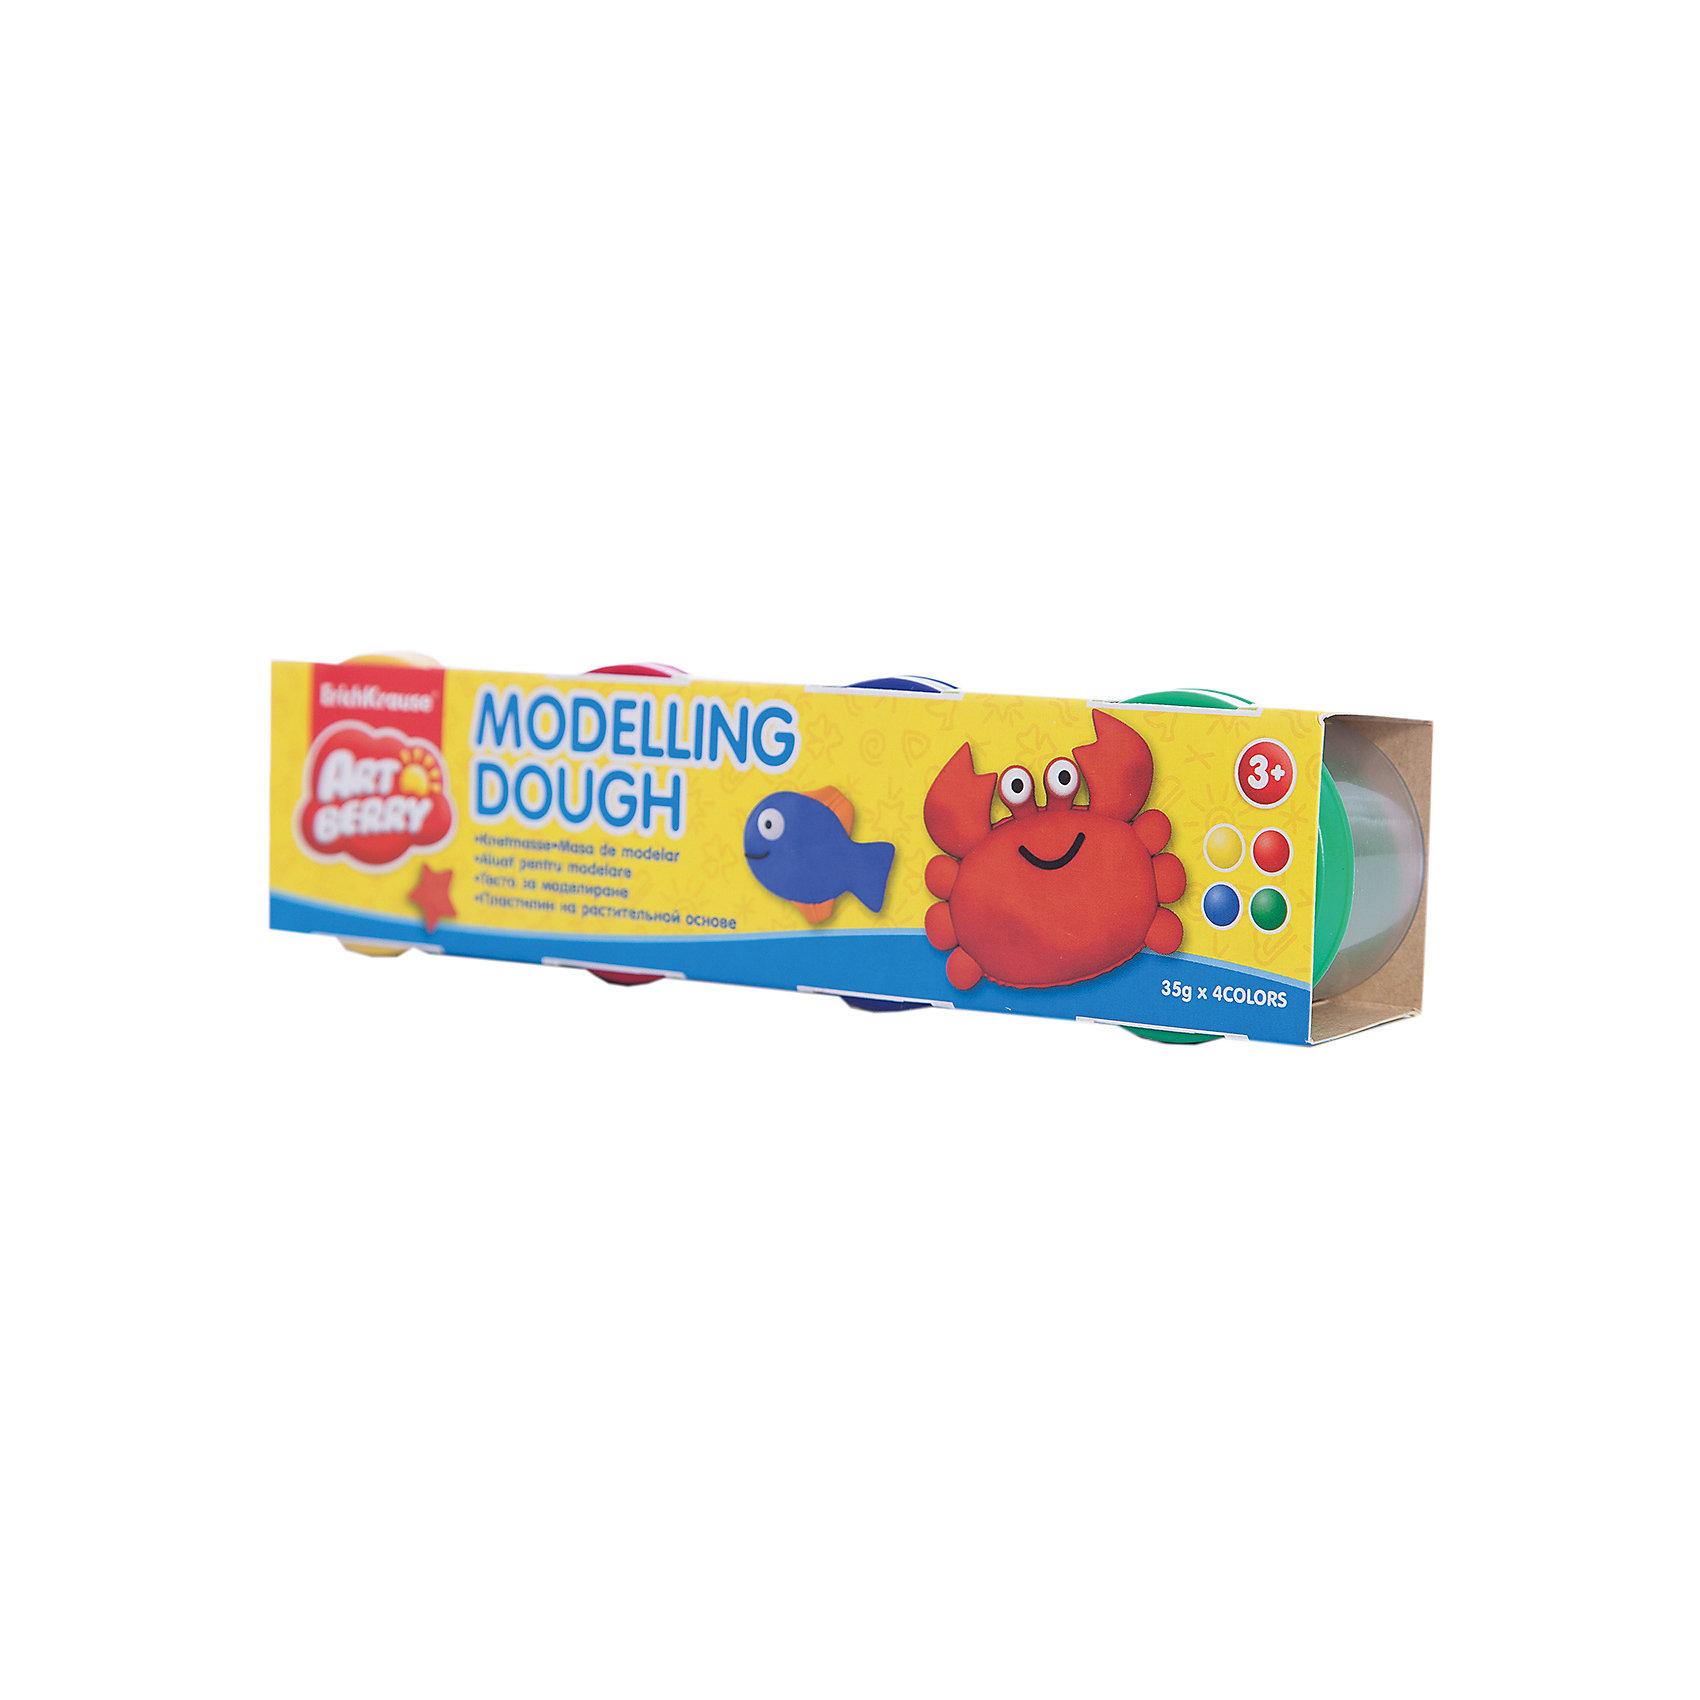 Пластилин на растительной основе Modelling Dough №1, 4 цвета по 35гПластилин на растит. основе Modelling Dough №1, 4 бан/35г карт.рукав<br><br>Ширина мм: 220<br>Глубина мм: 40<br>Высота мм: 45<br>Вес г: 193<br>Возраст от месяцев: 60<br>Возраст до месяцев: 216<br>Пол: Унисекс<br>Возраст: Детский<br>SKU: 5409324